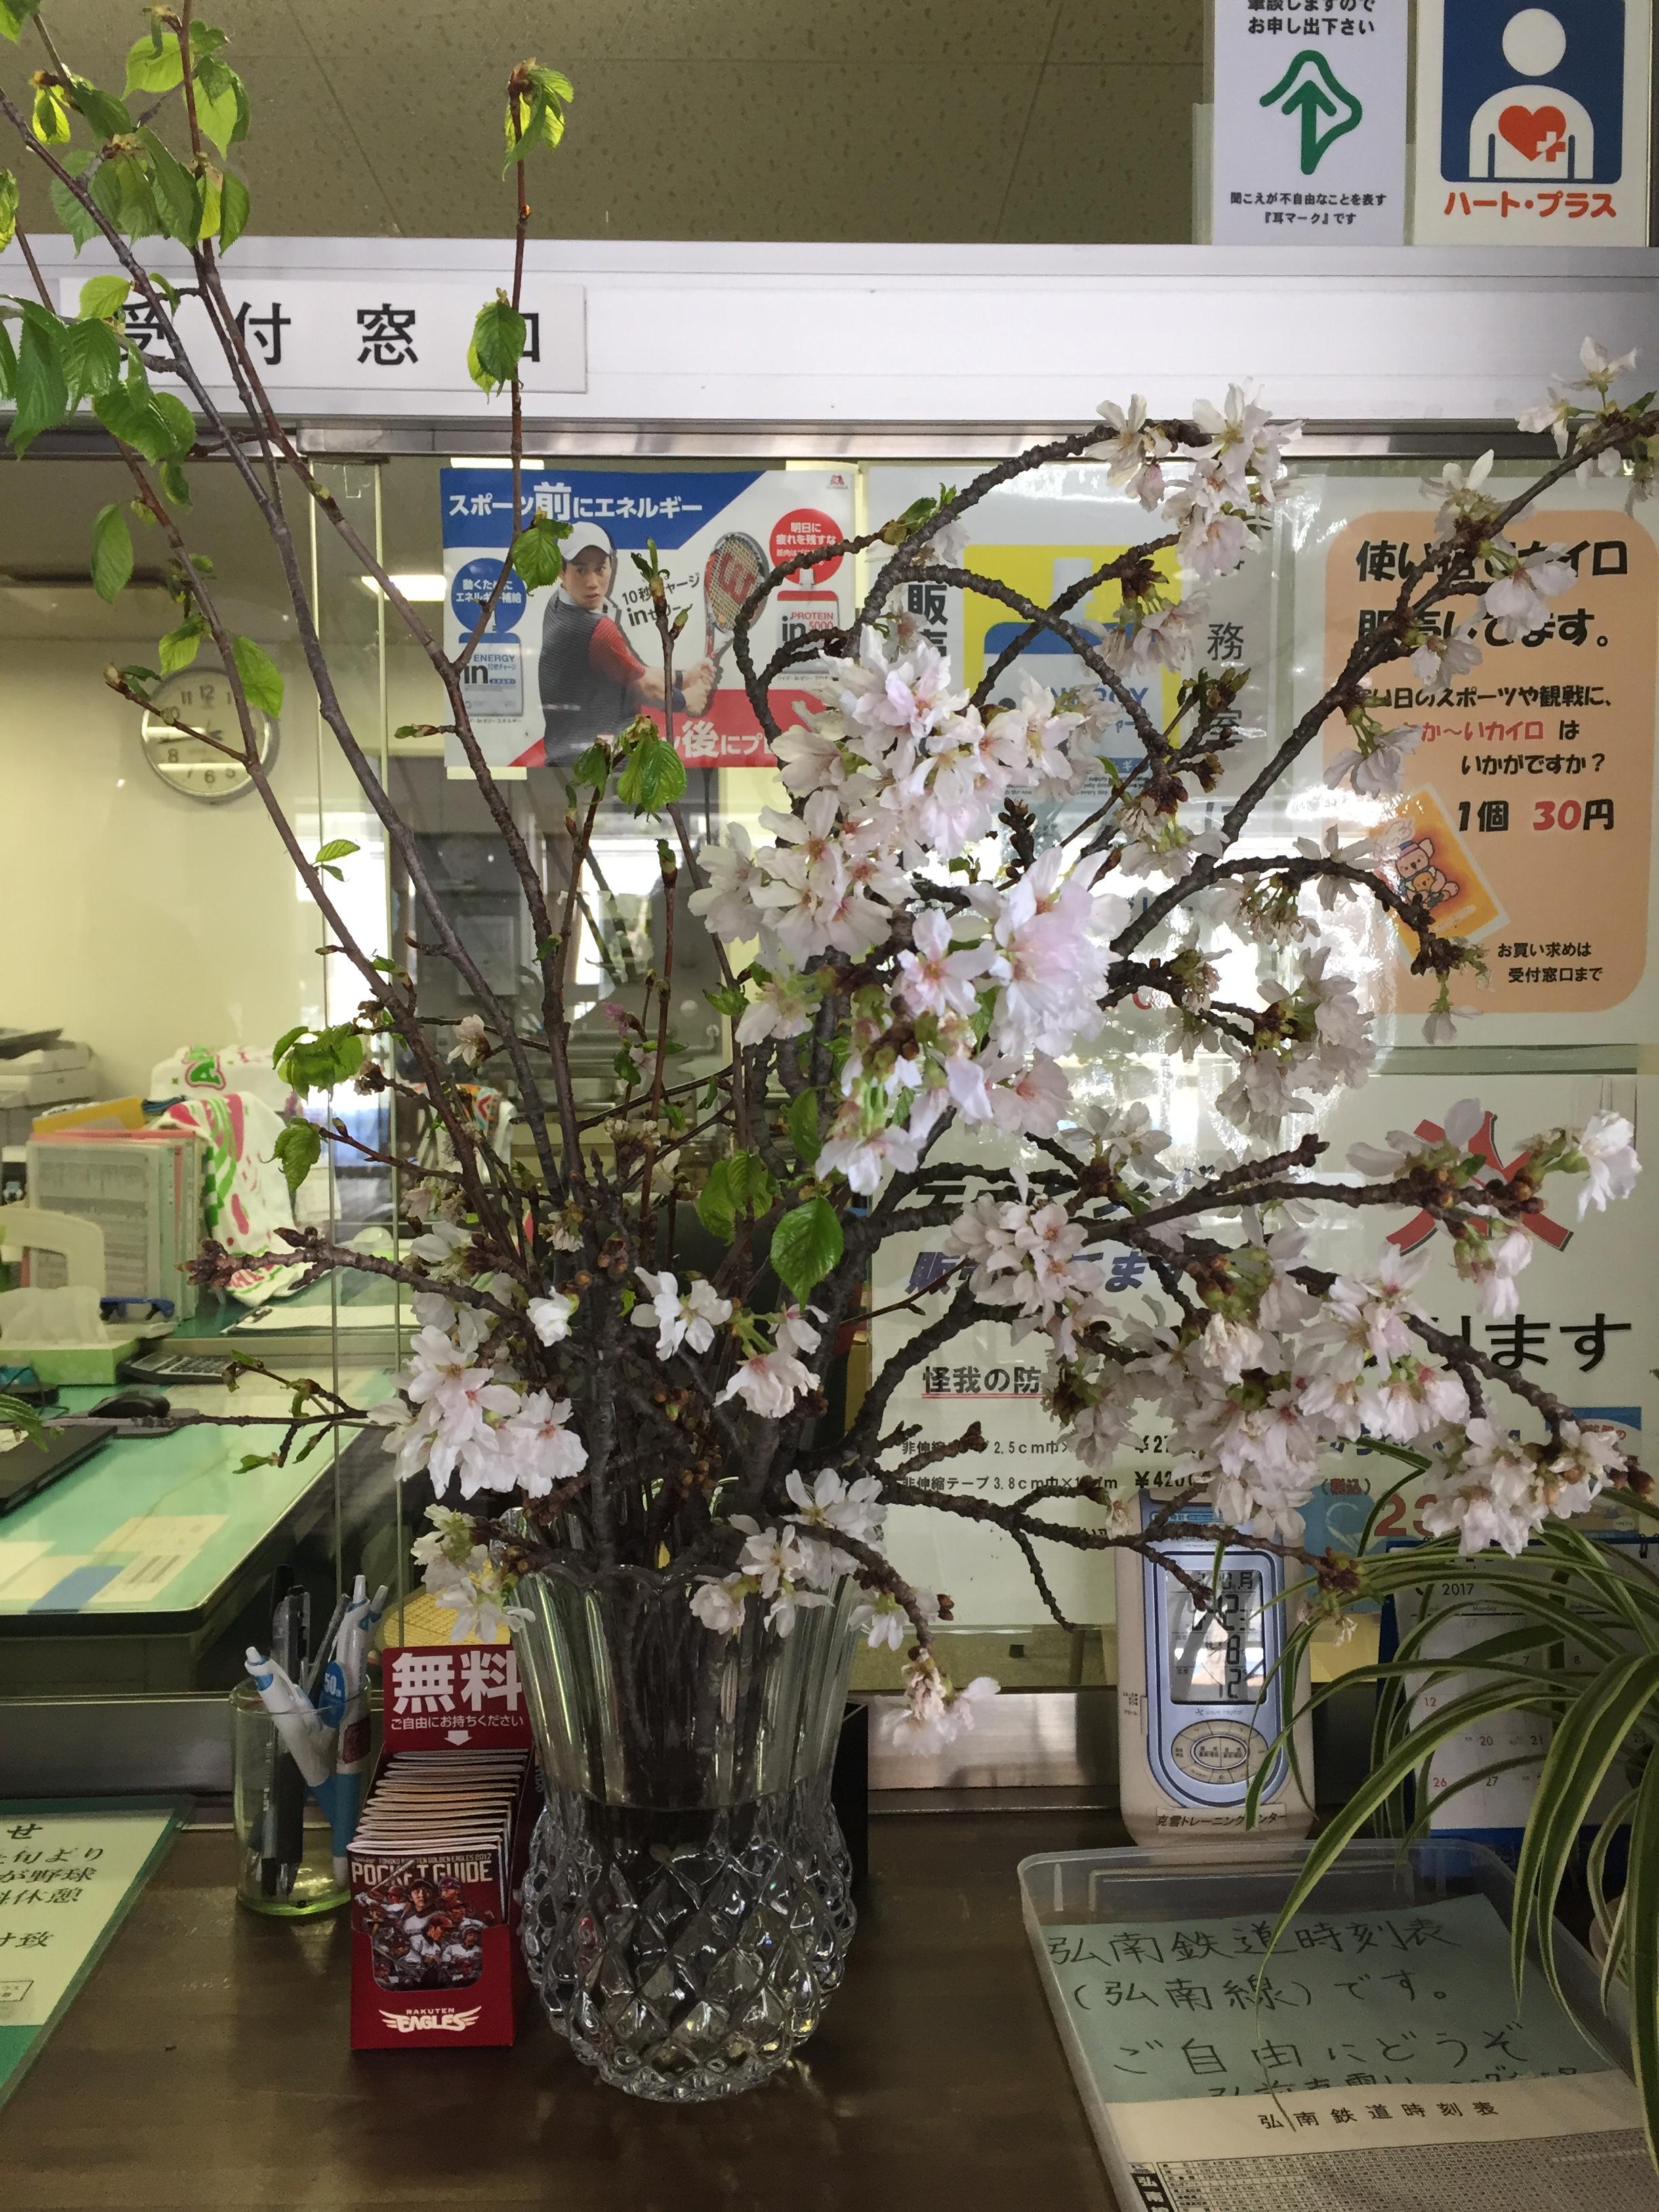 桜のせん定枝無料配布